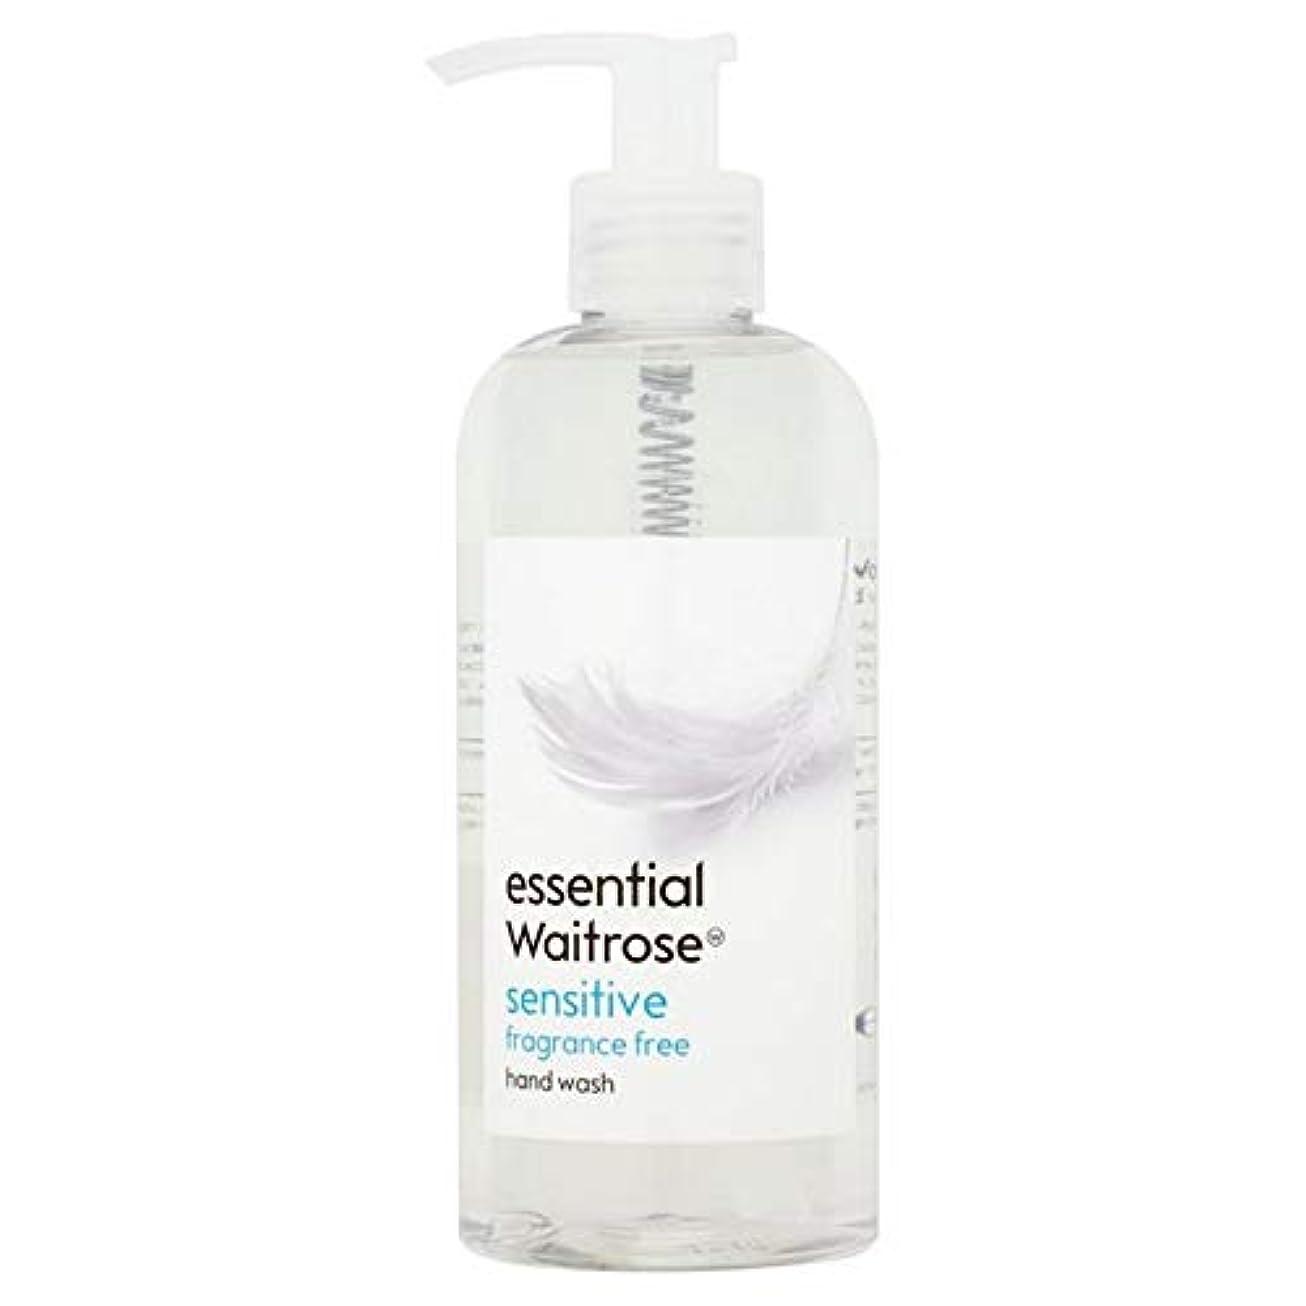 百年状態シャベル[Waitrose ] 基本的なウェイトローズのハンドウォッシュ敏感な300ミリリットル - Essential Waitrose Hand Wash Sensitive 300ml [並行輸入品]